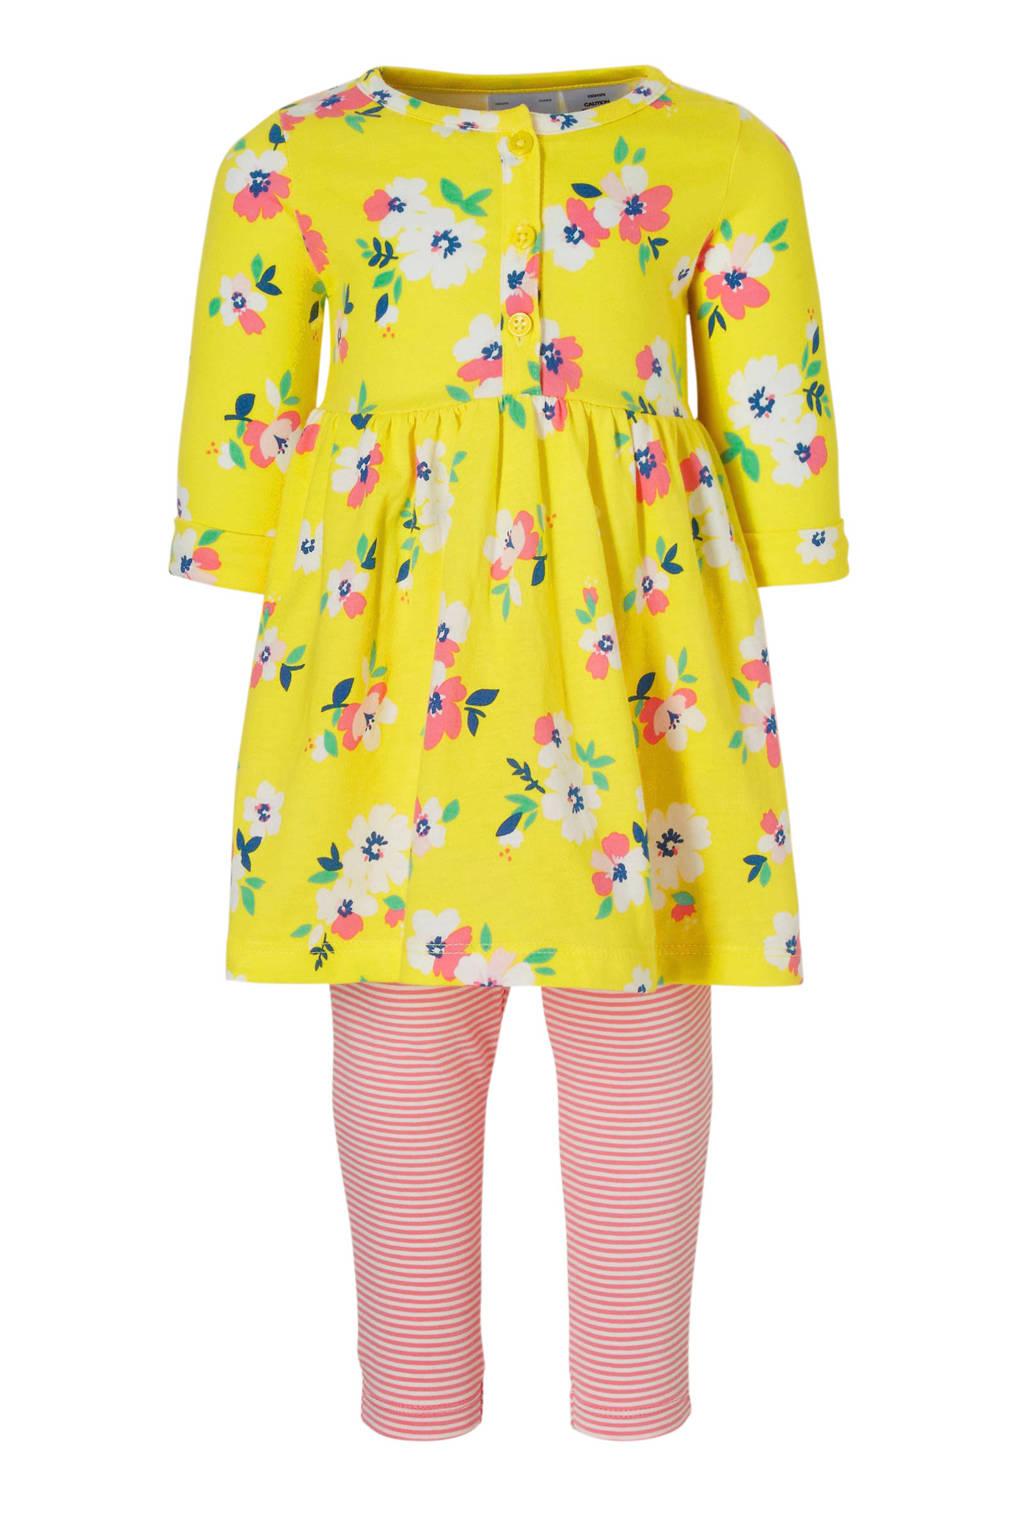 Carter's baby gebloemde jurk + legging, Geel/roze/wit